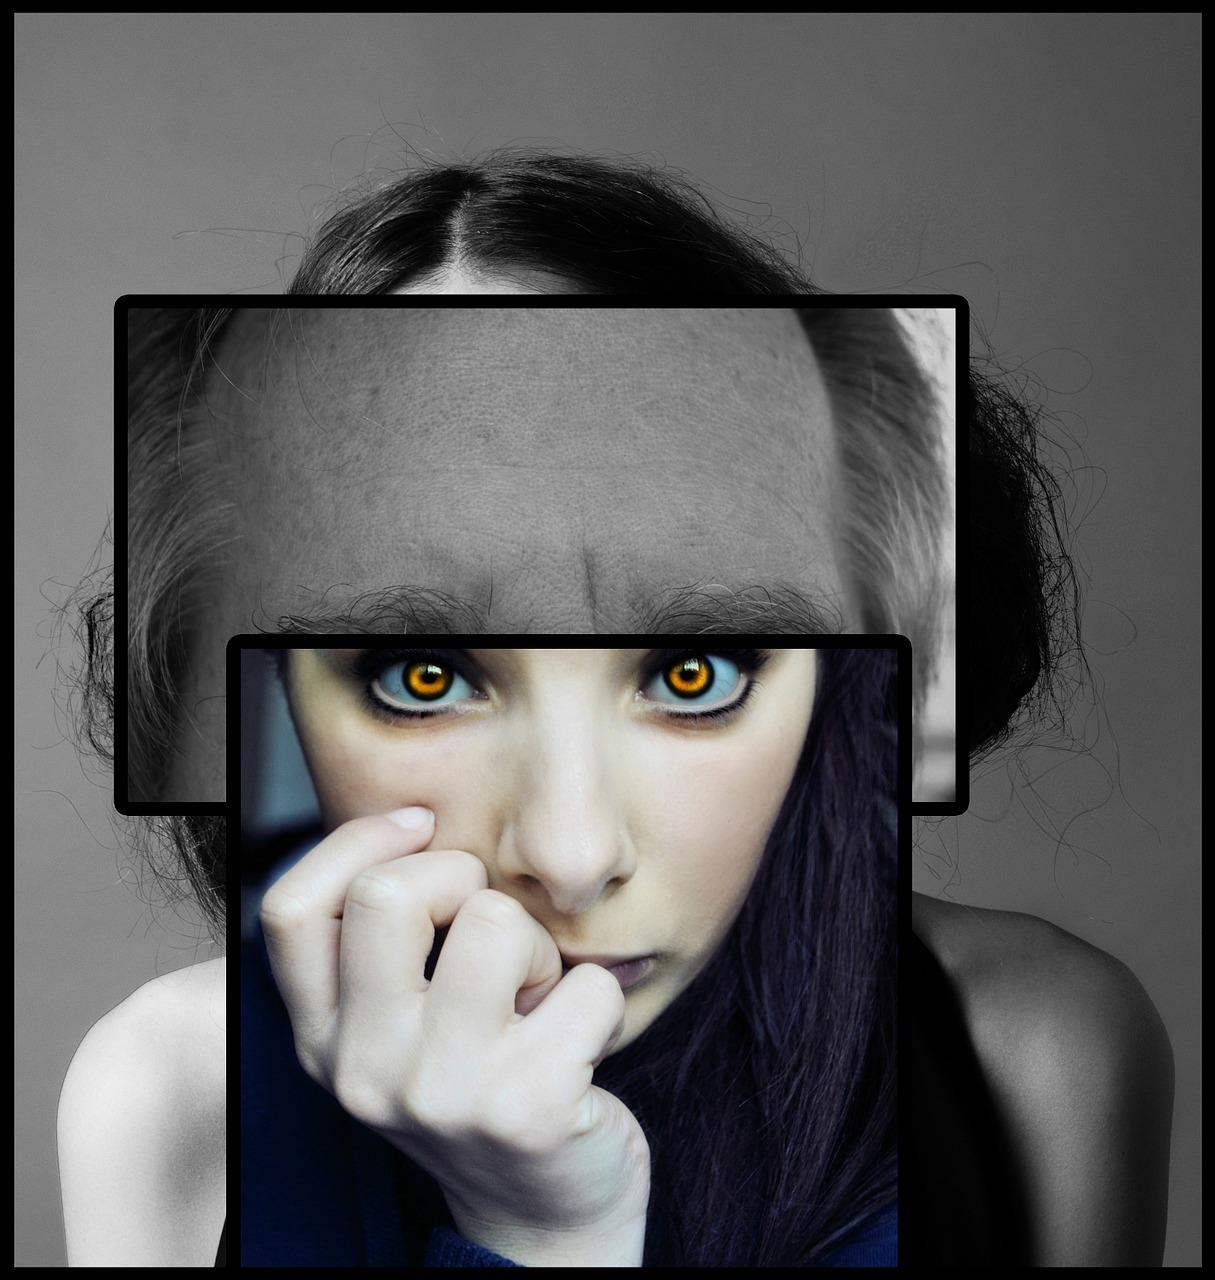 Schizophrenie - Ursachen, Beschwerden, Diagnose